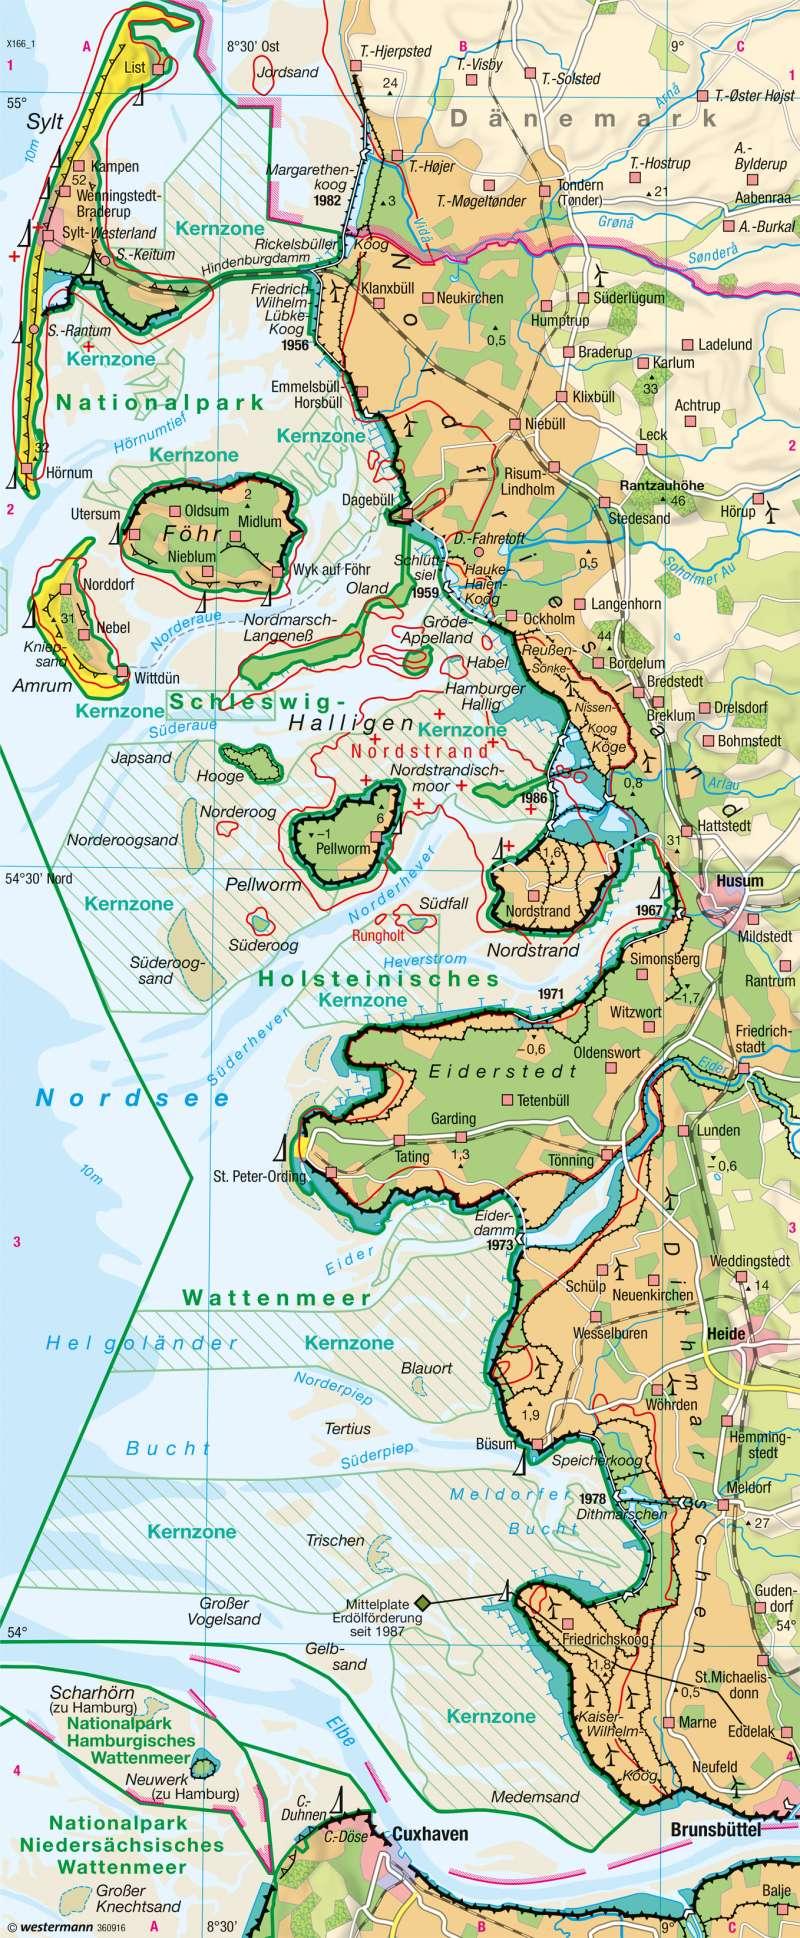 Karte Nordseeküste Niedersachsen.Diercke Weltatlas Kartenansicht Nordsee Wattenküste 978 3 14